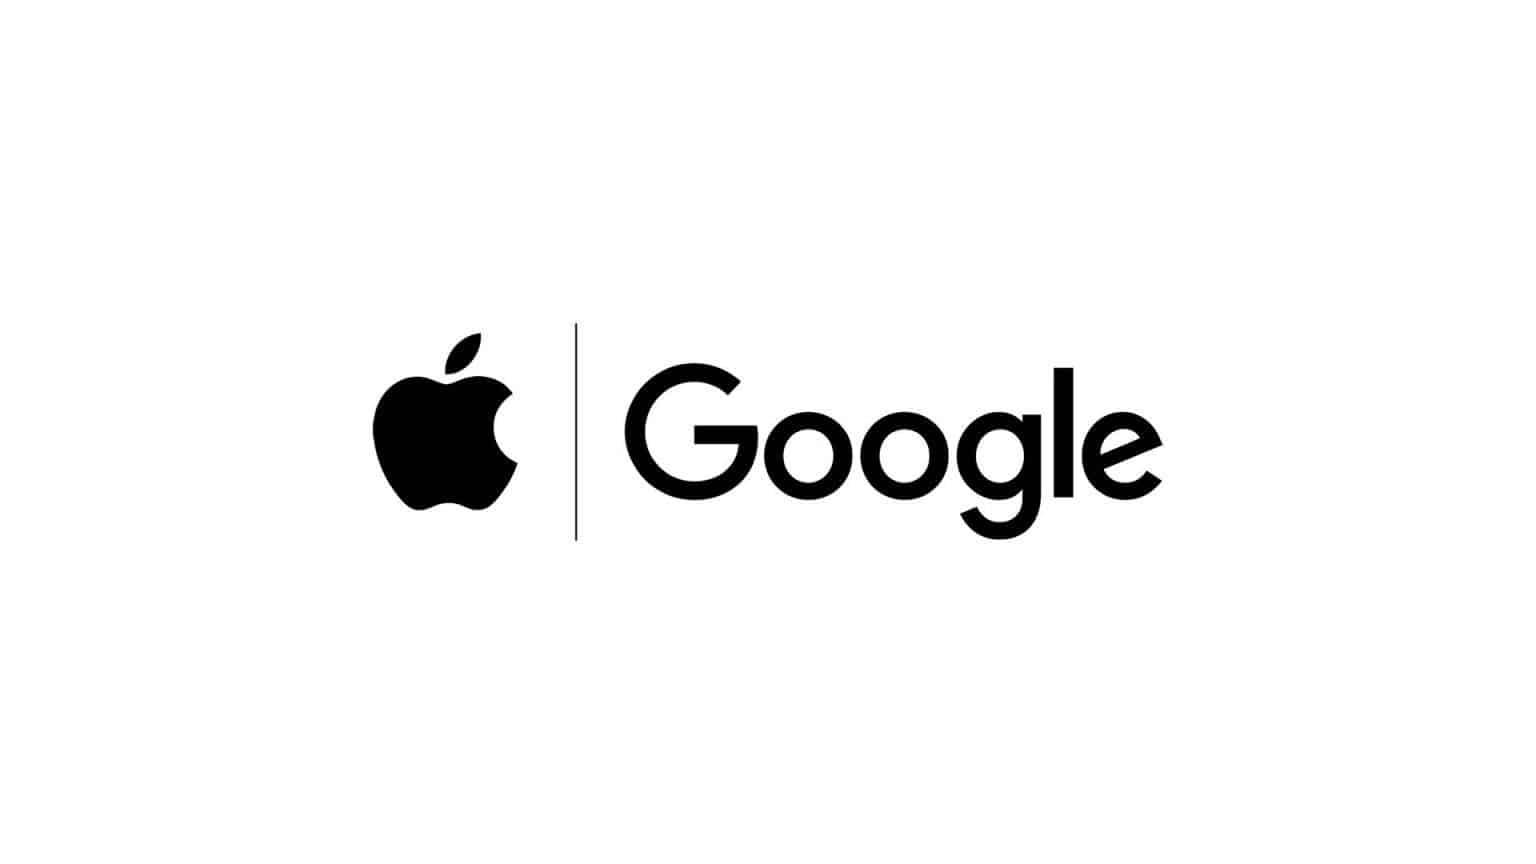 谷歌首席执行官希望与苹果合作其他项目